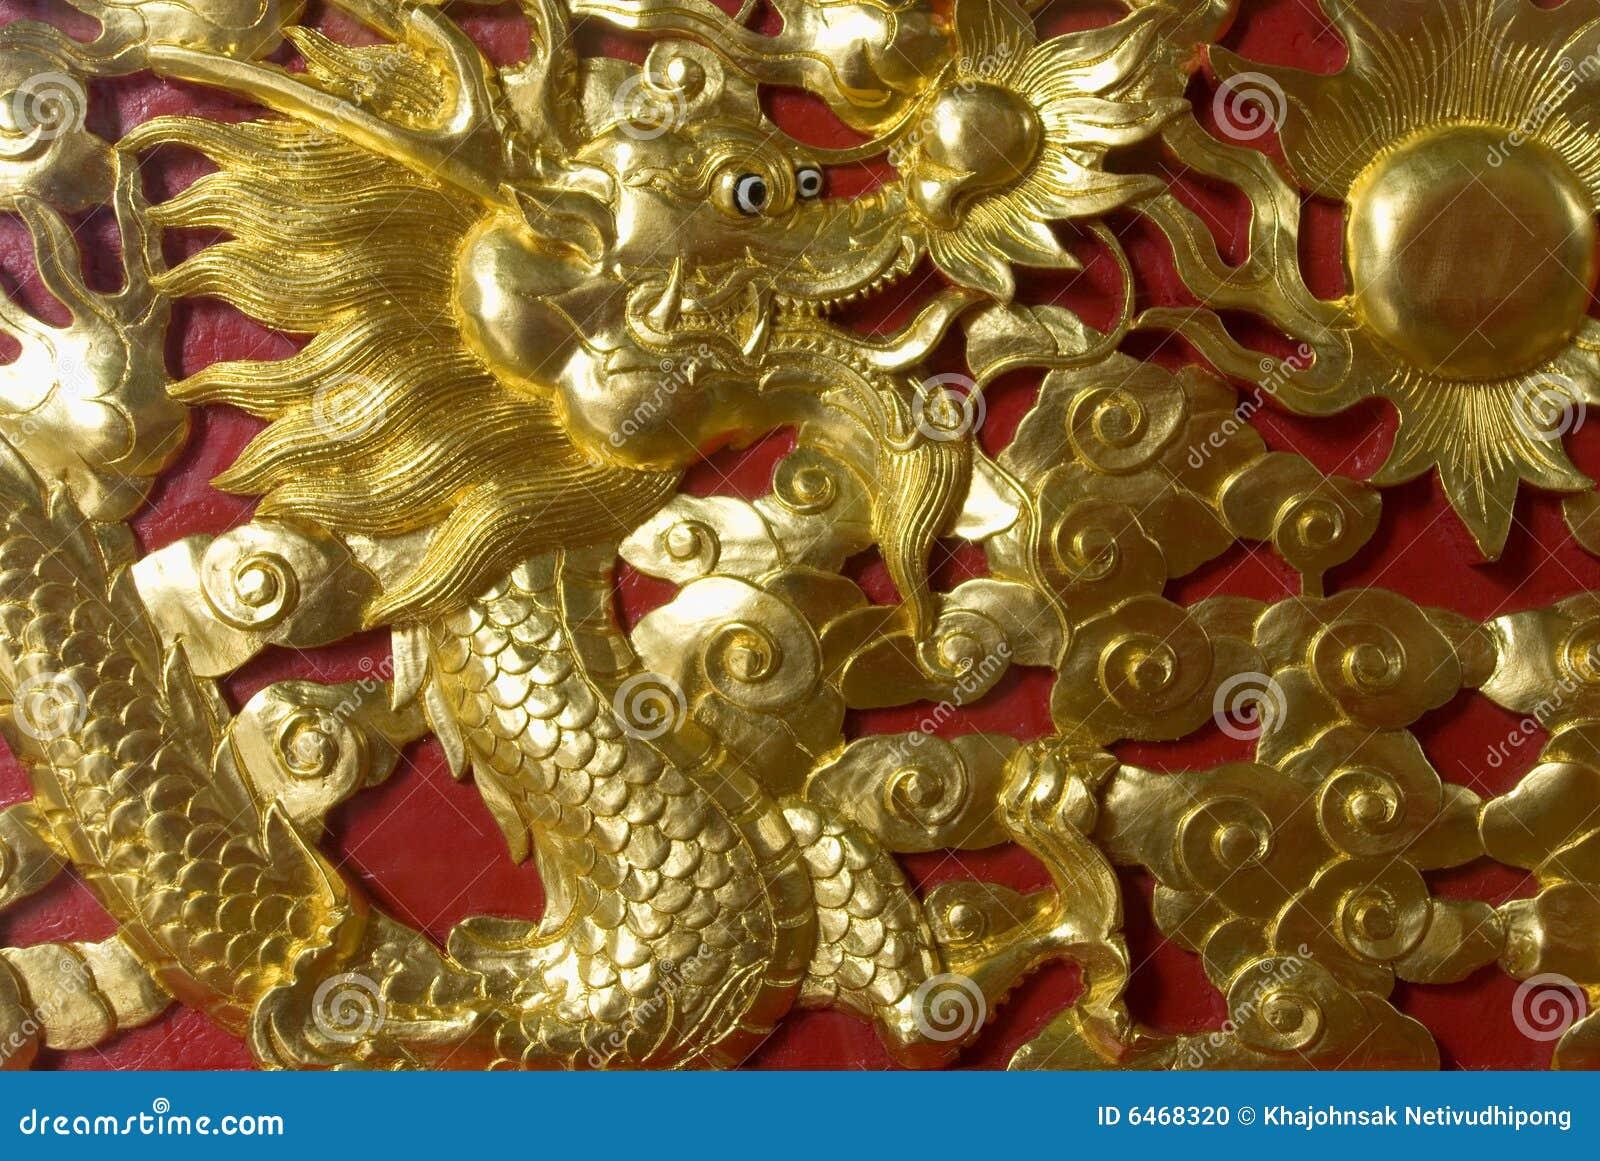 Dragão do ouro